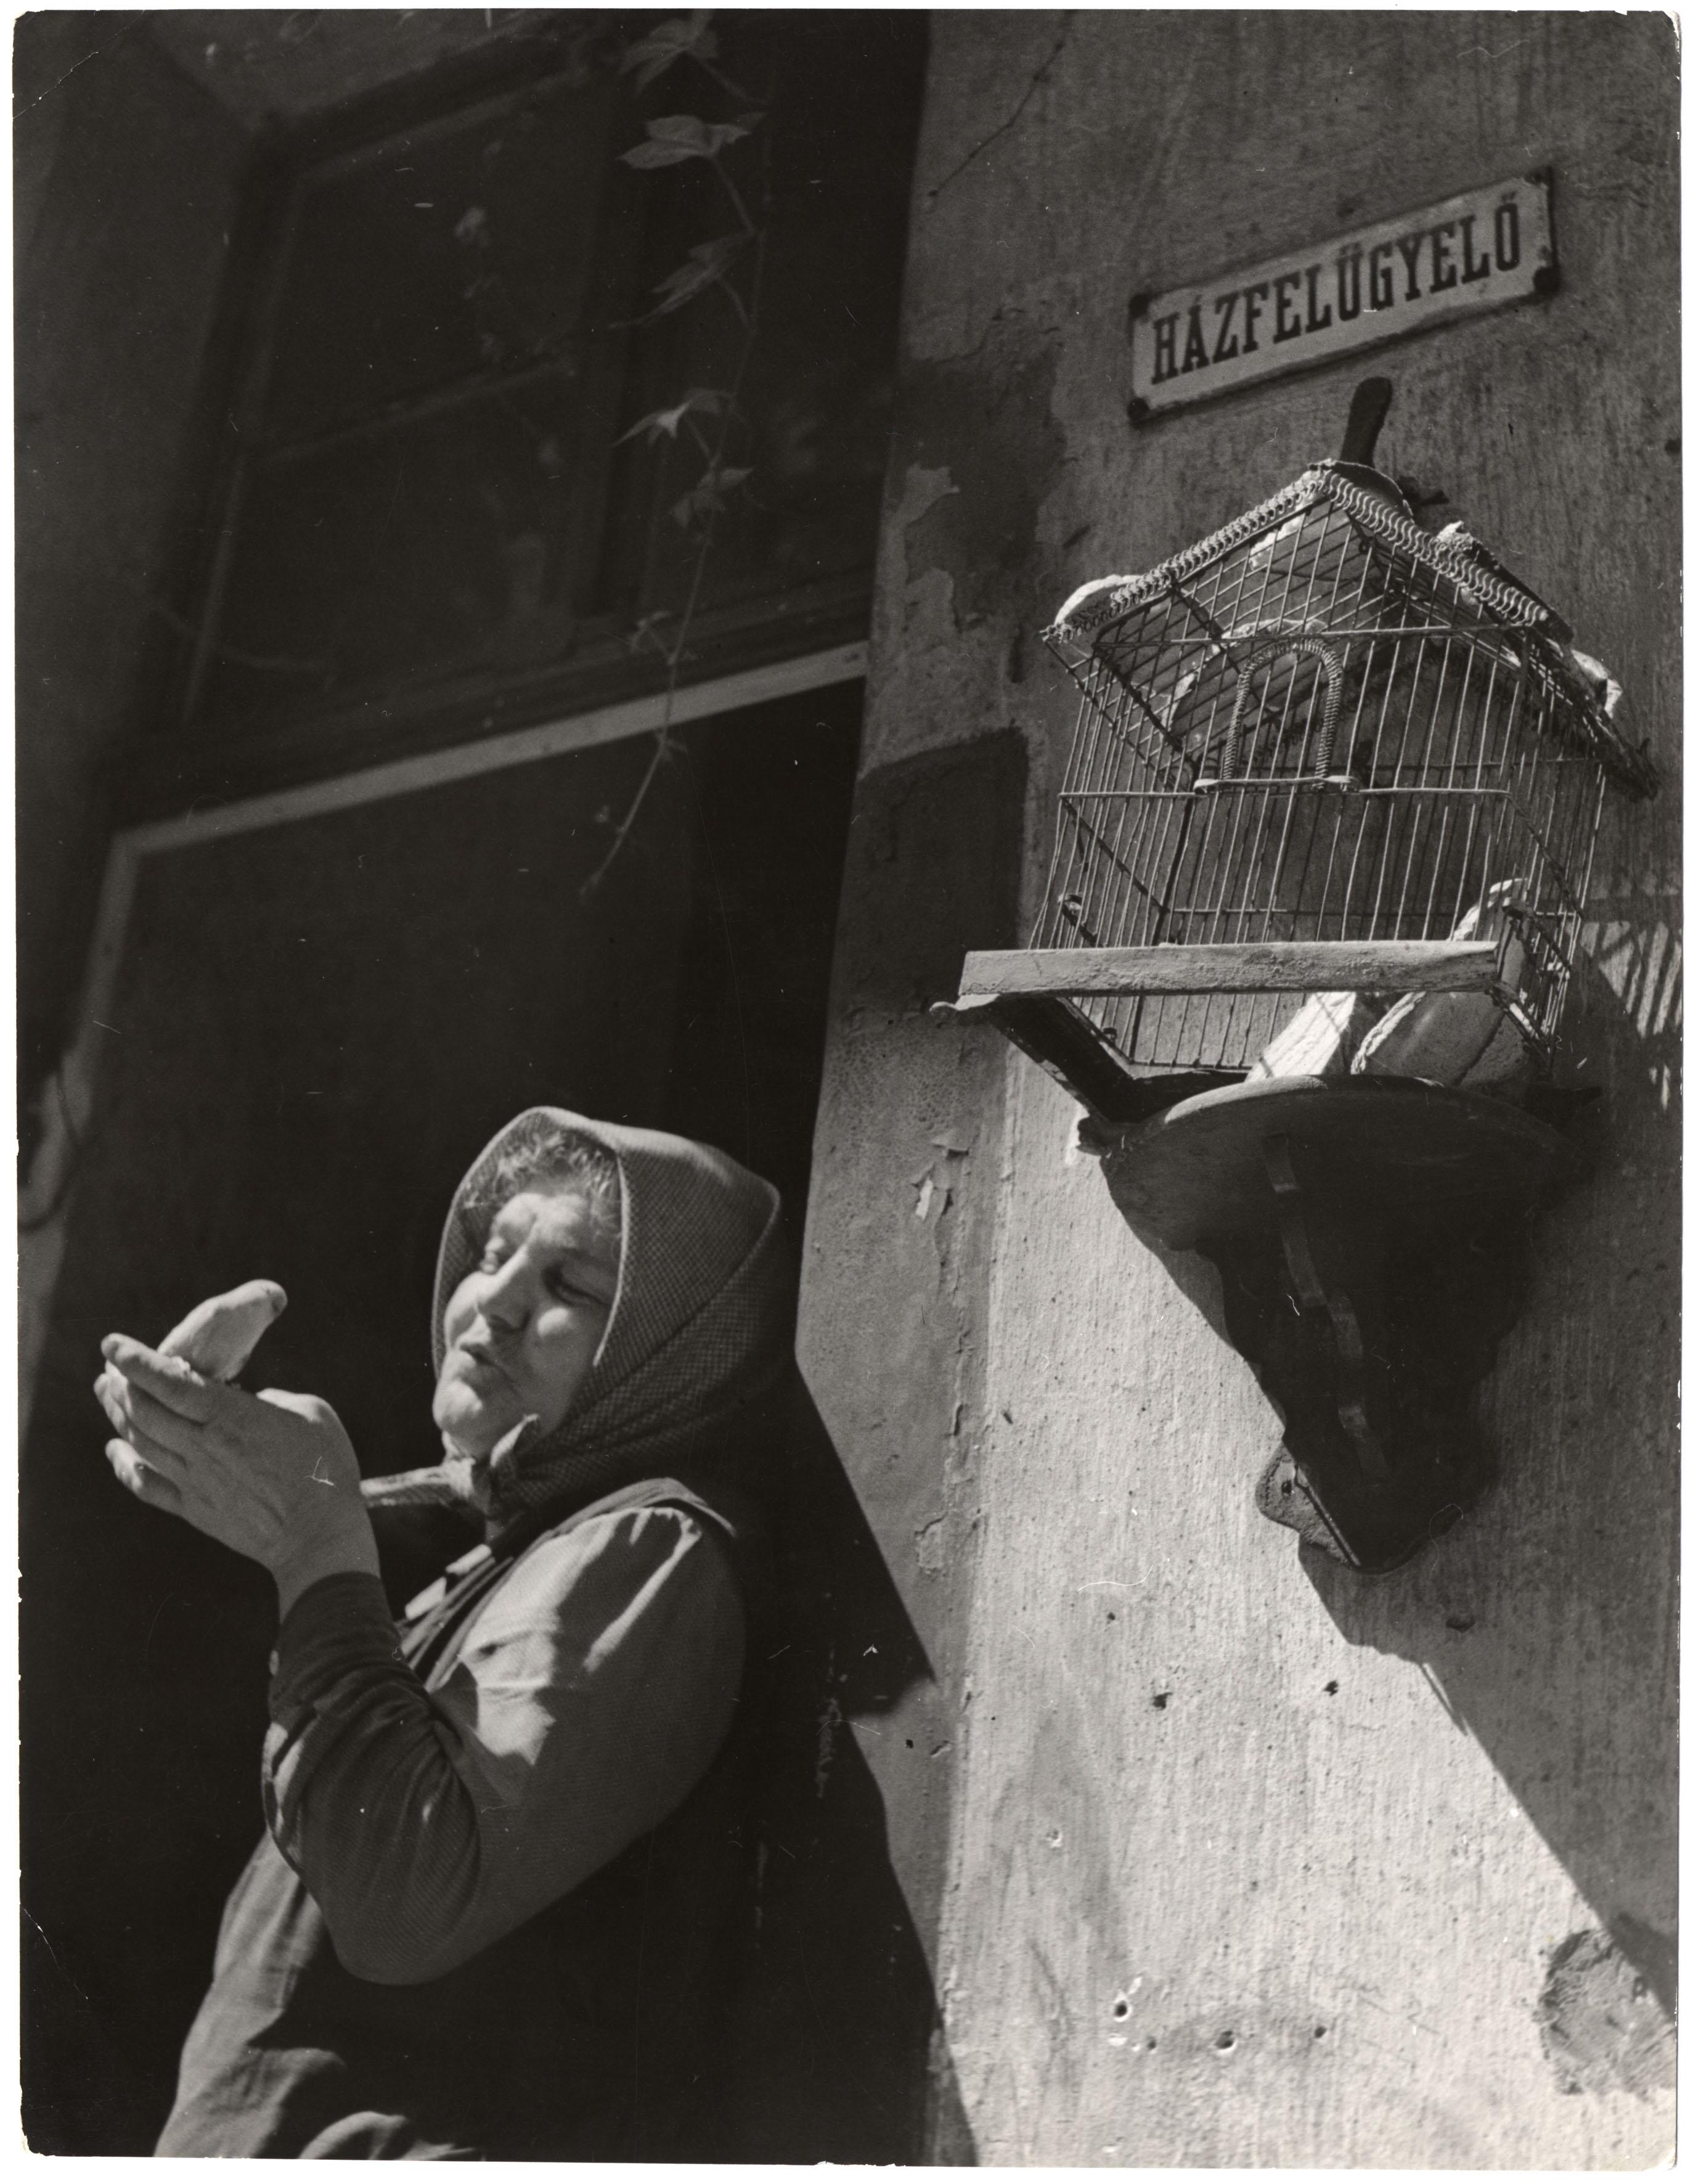 Fotó: Gink Károly: Házfelügyelő, 1958 © Magyar Fotográfiai Múzeum